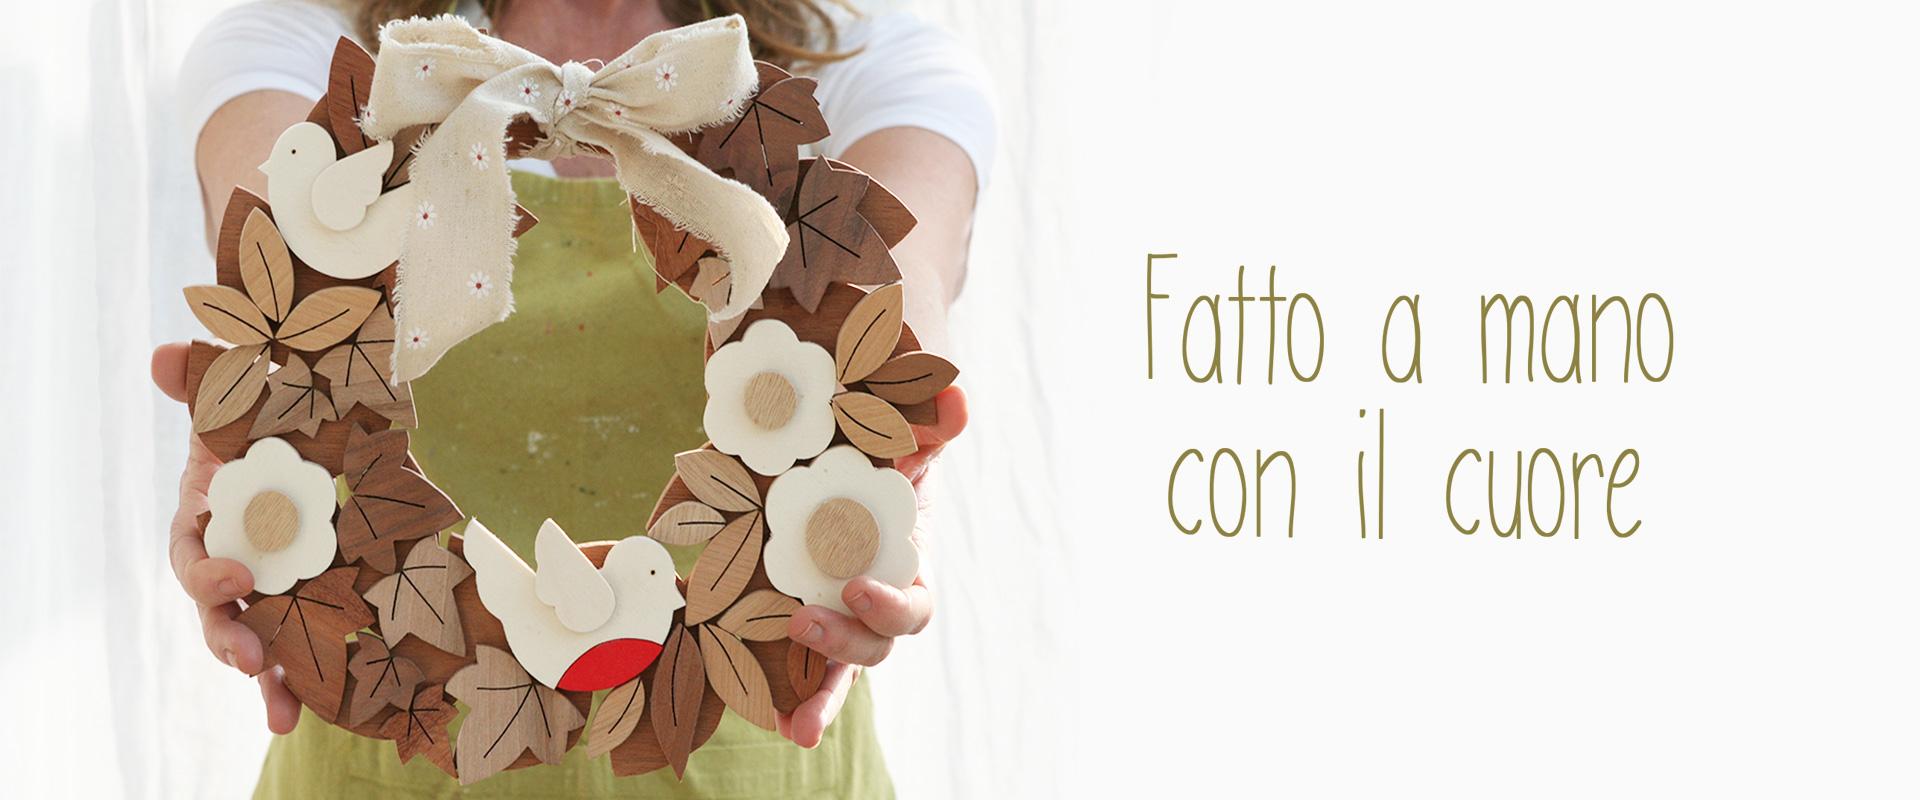 Ghirlanda in legno fatta a mano artigianalmente